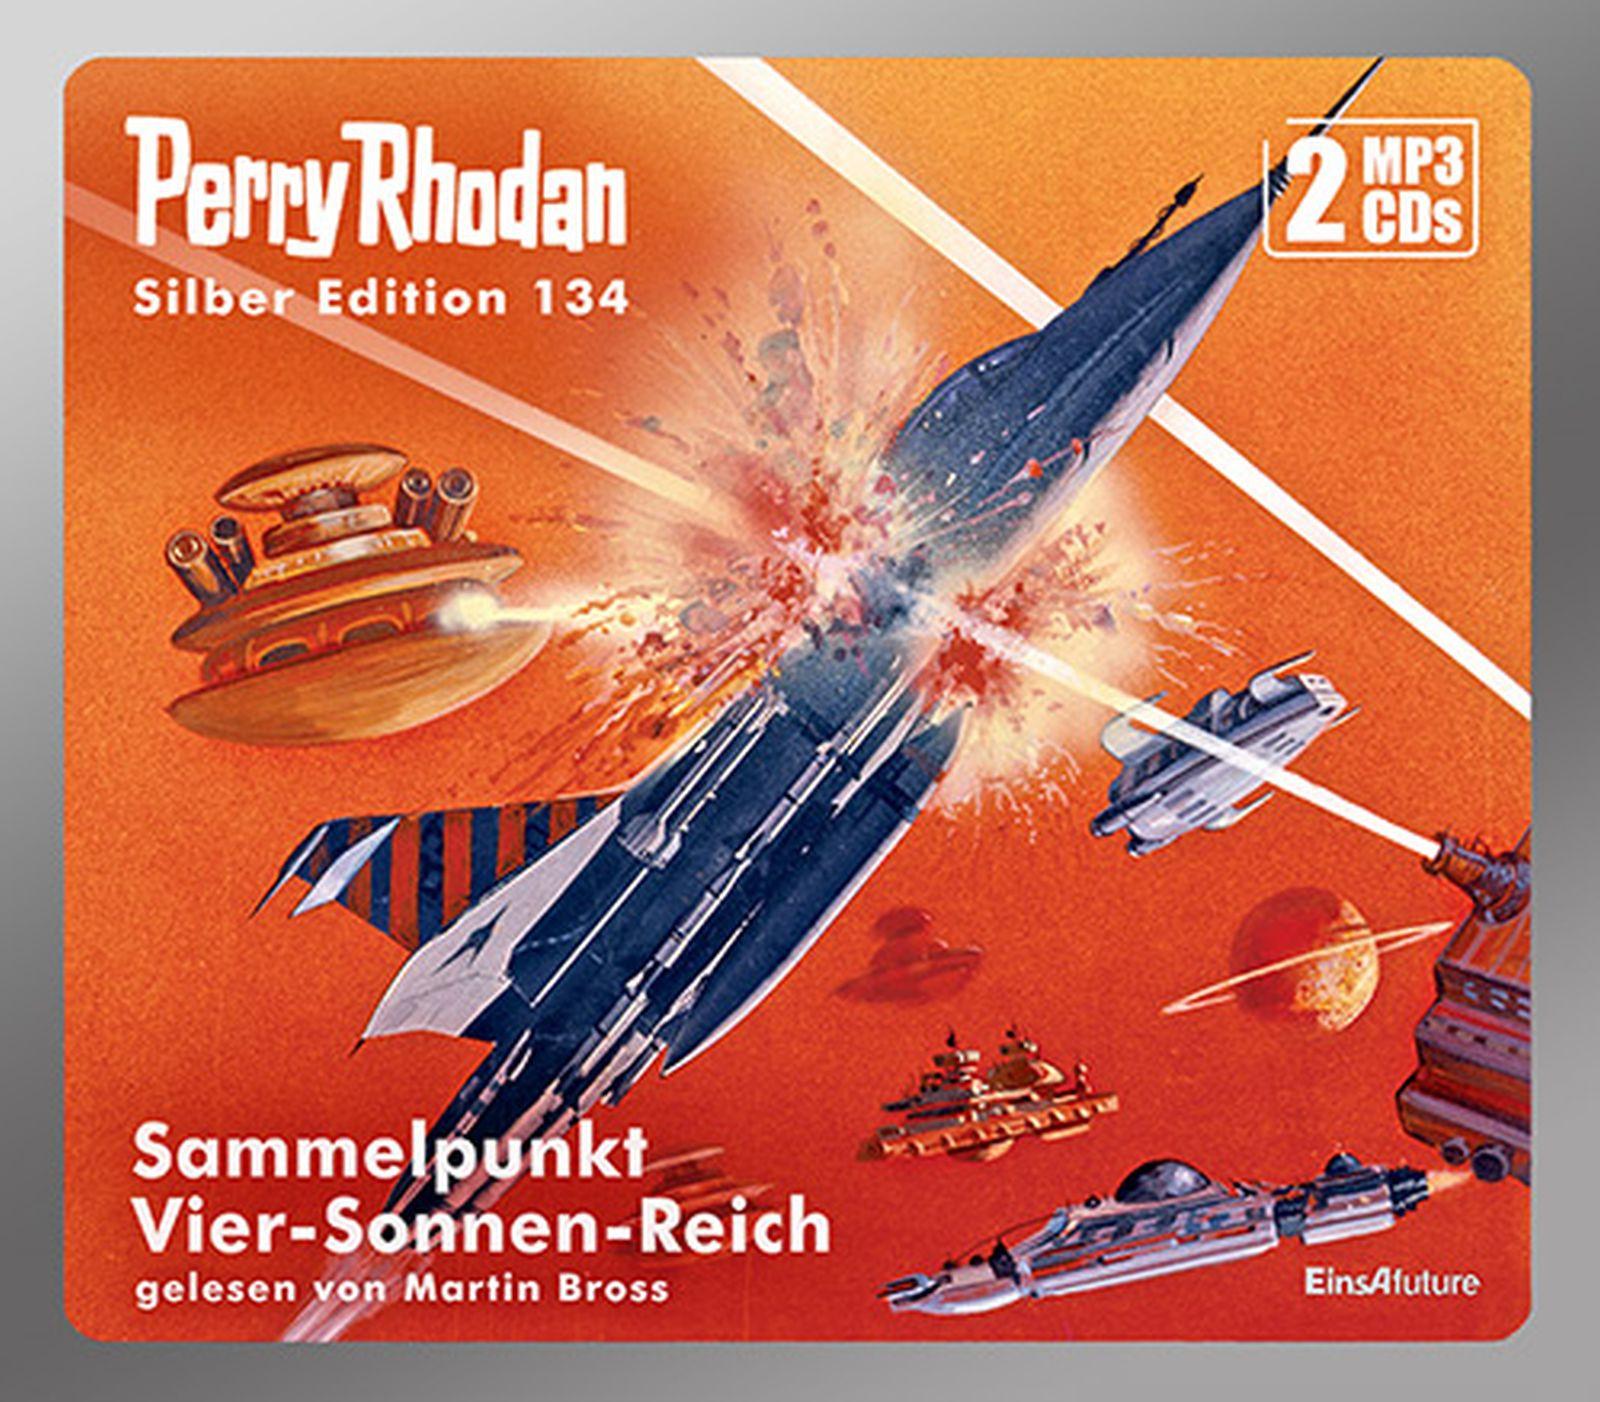 23163_0_2 Verwunderlich Reich Werden Mit Silber Dekorationen